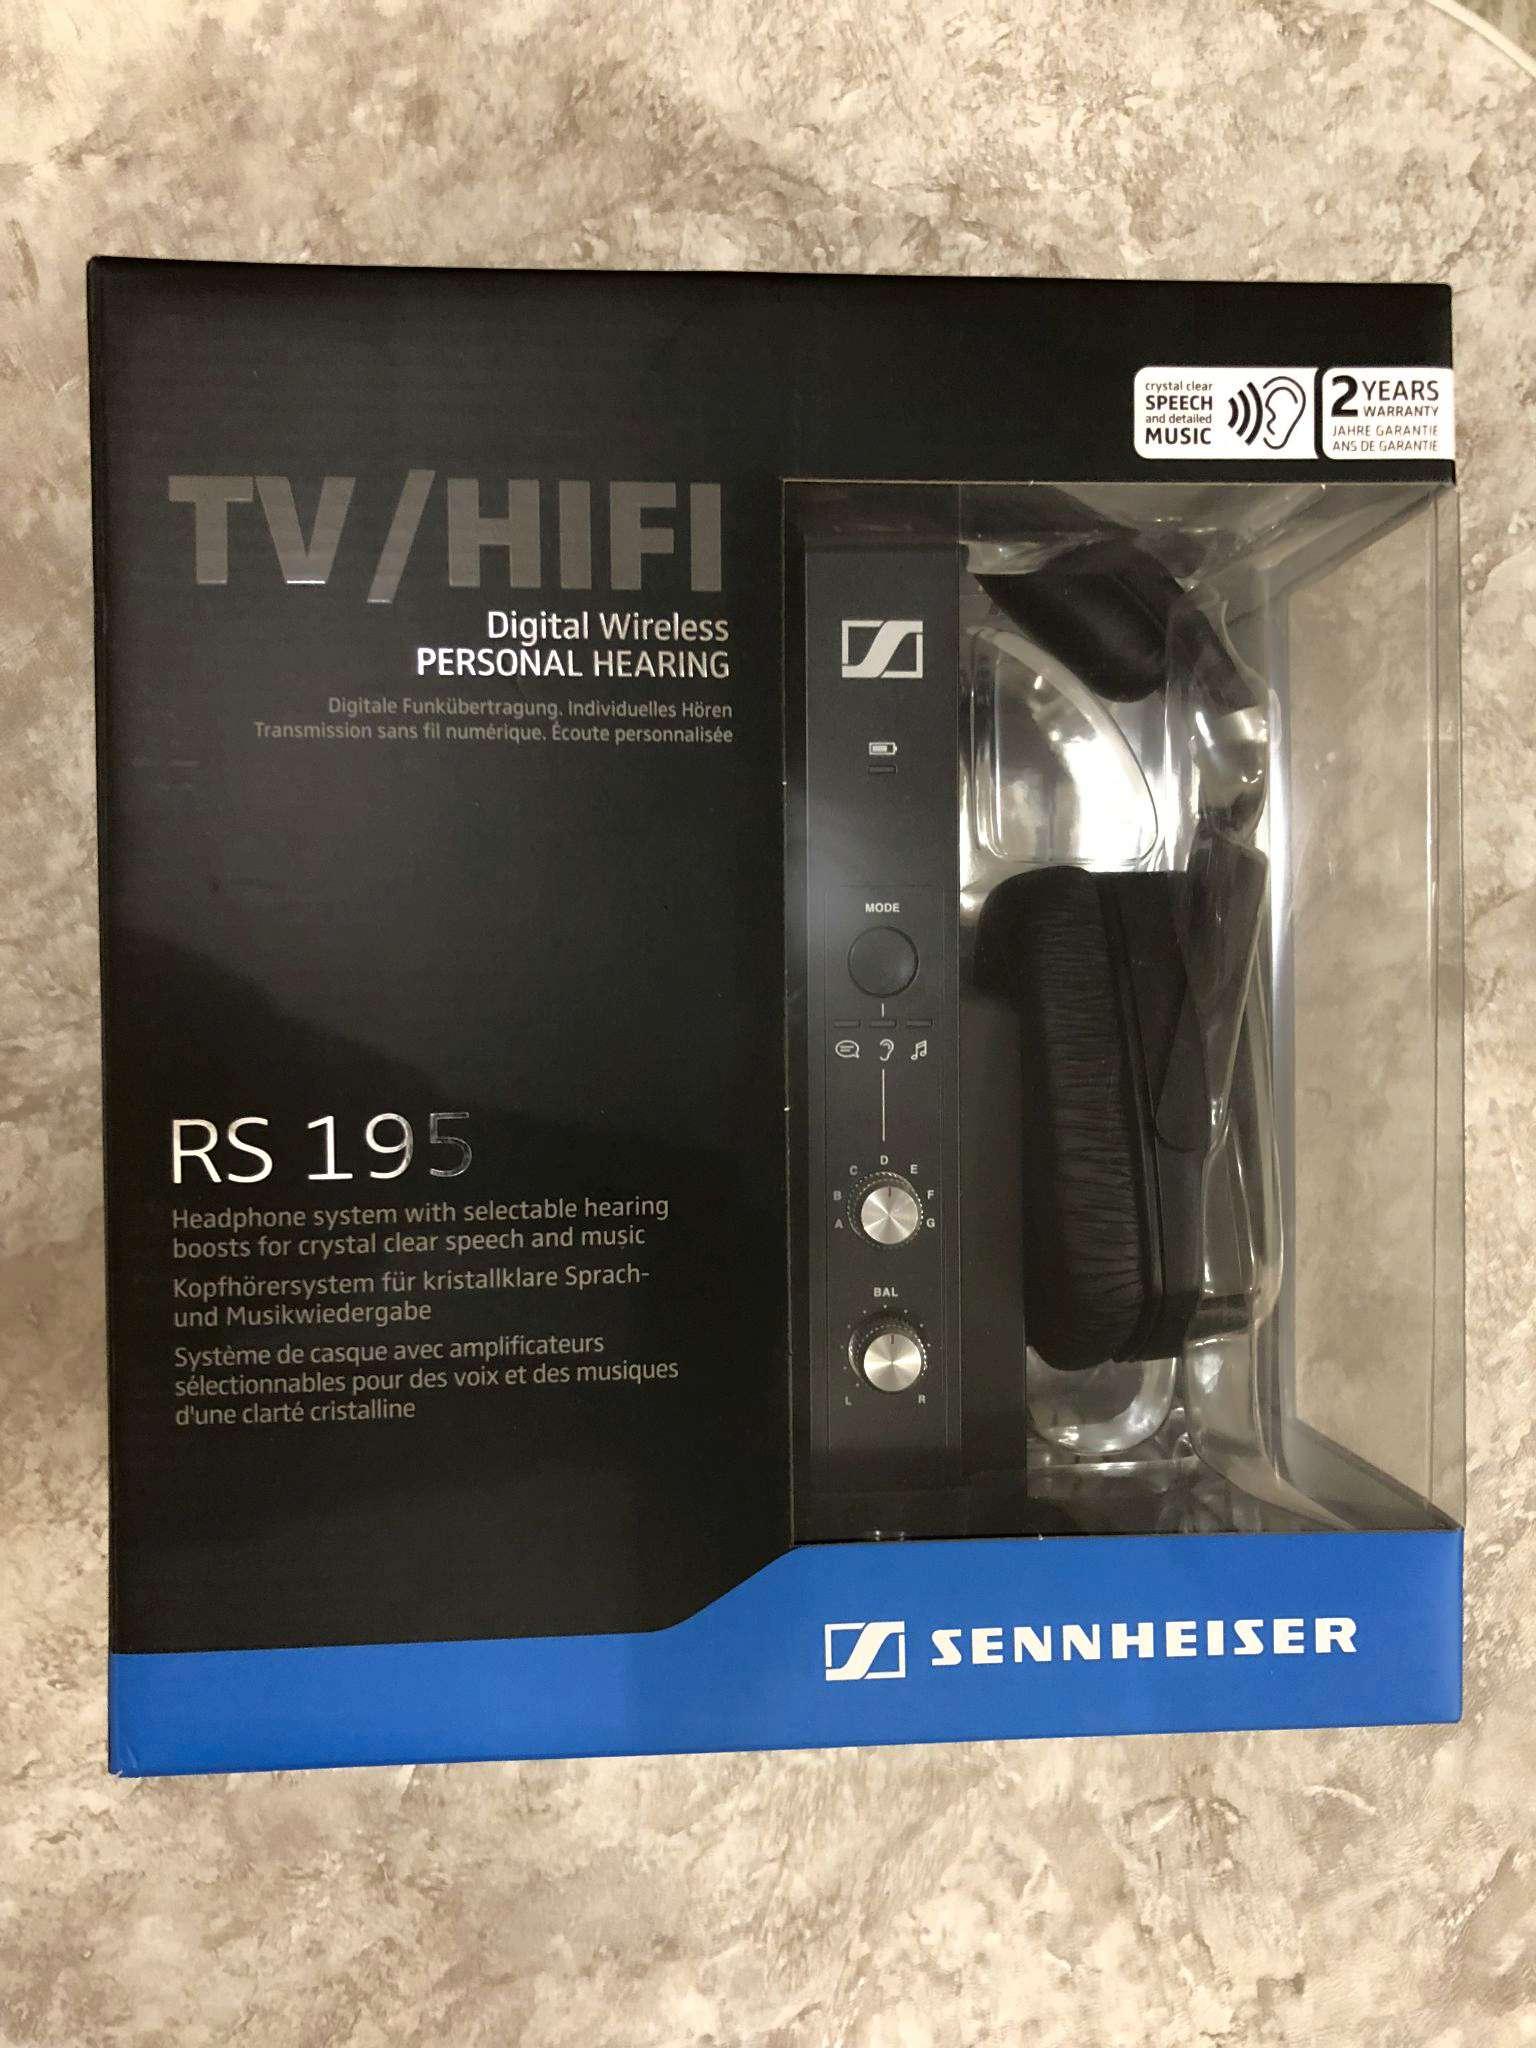 беспроводные наушники Sennheiser Rs 195 купить в интернет магазине